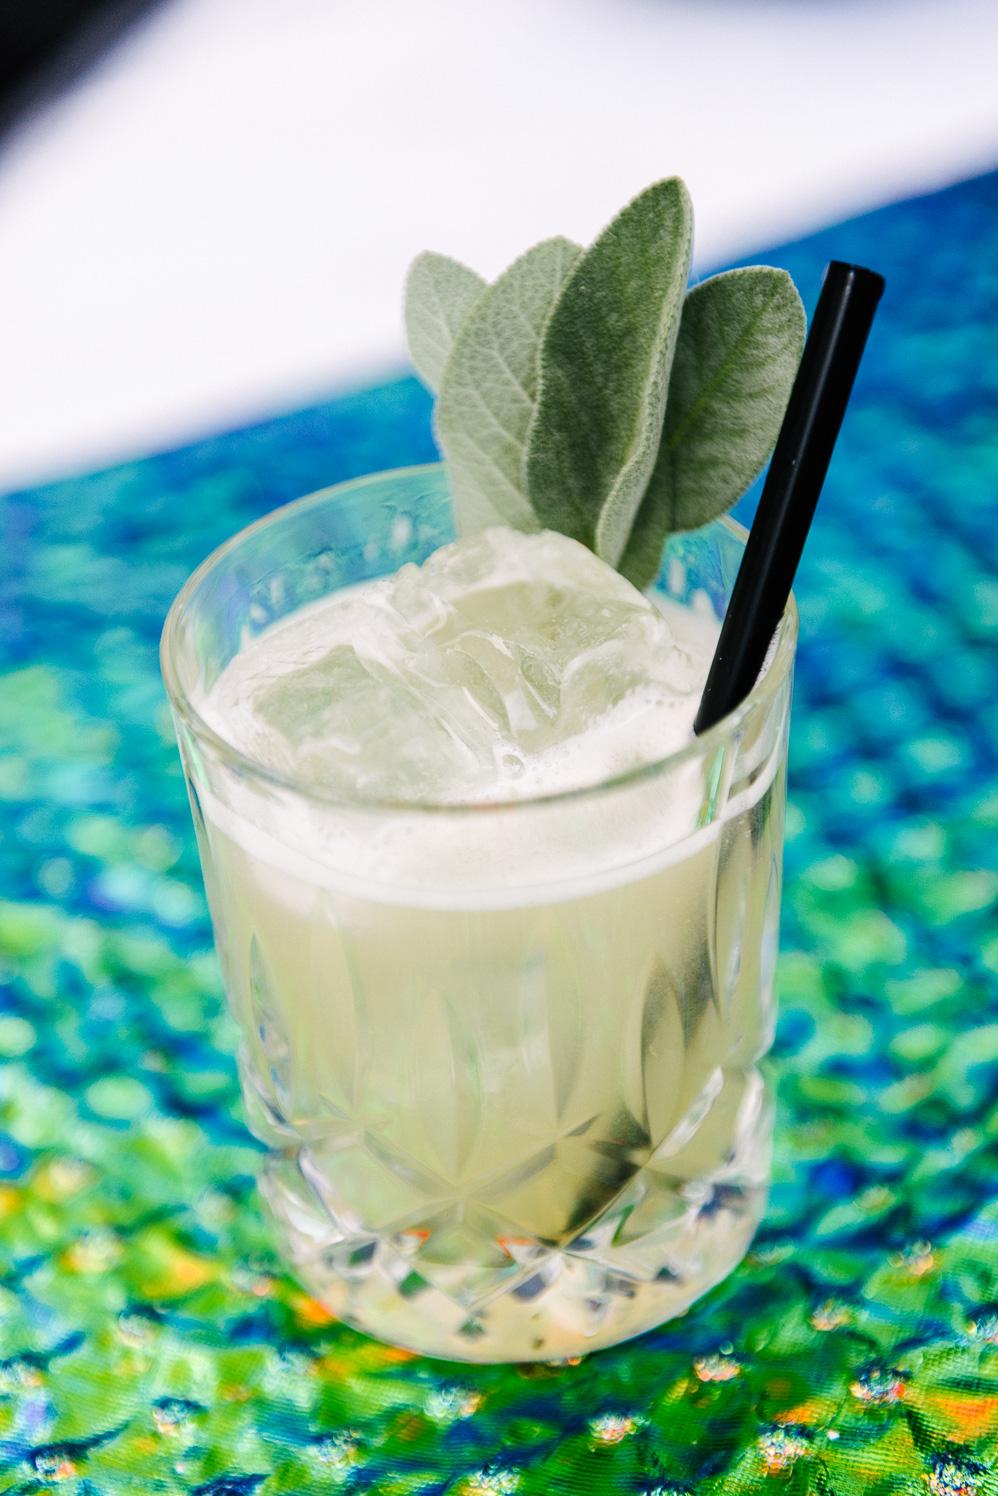 Freunde-von-Freunden-FvF-Drinks-Letherbee-253.jpg